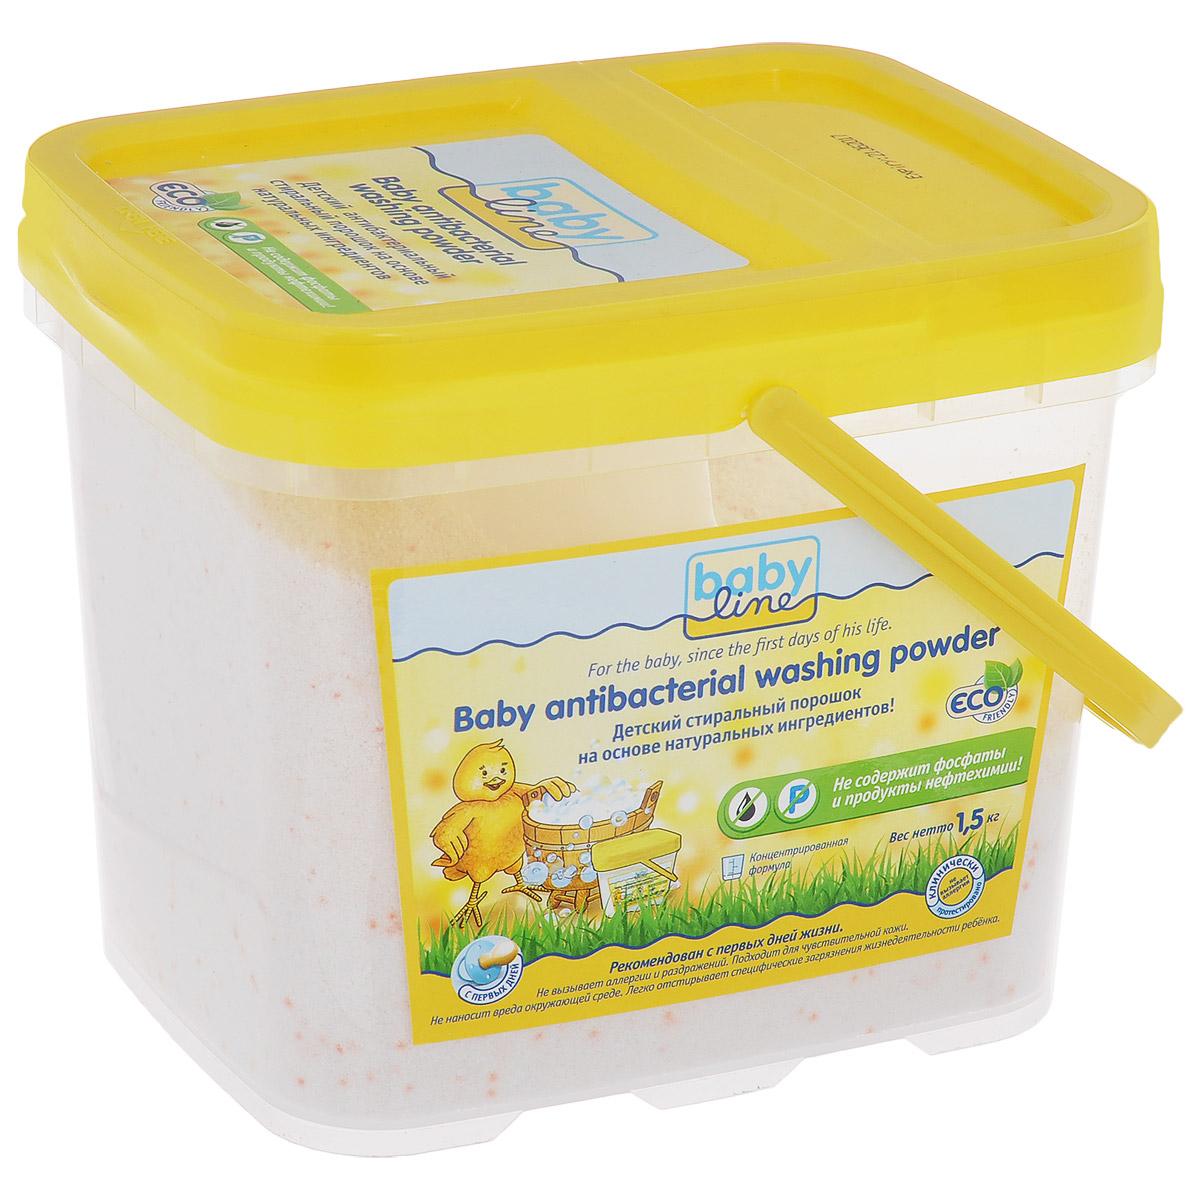 Babyline Стиральный порошок, детский, на основе натуральных ингредиентов, 1,5 кг детские моющие средства умка стиральный порошок детский 2 4 кг